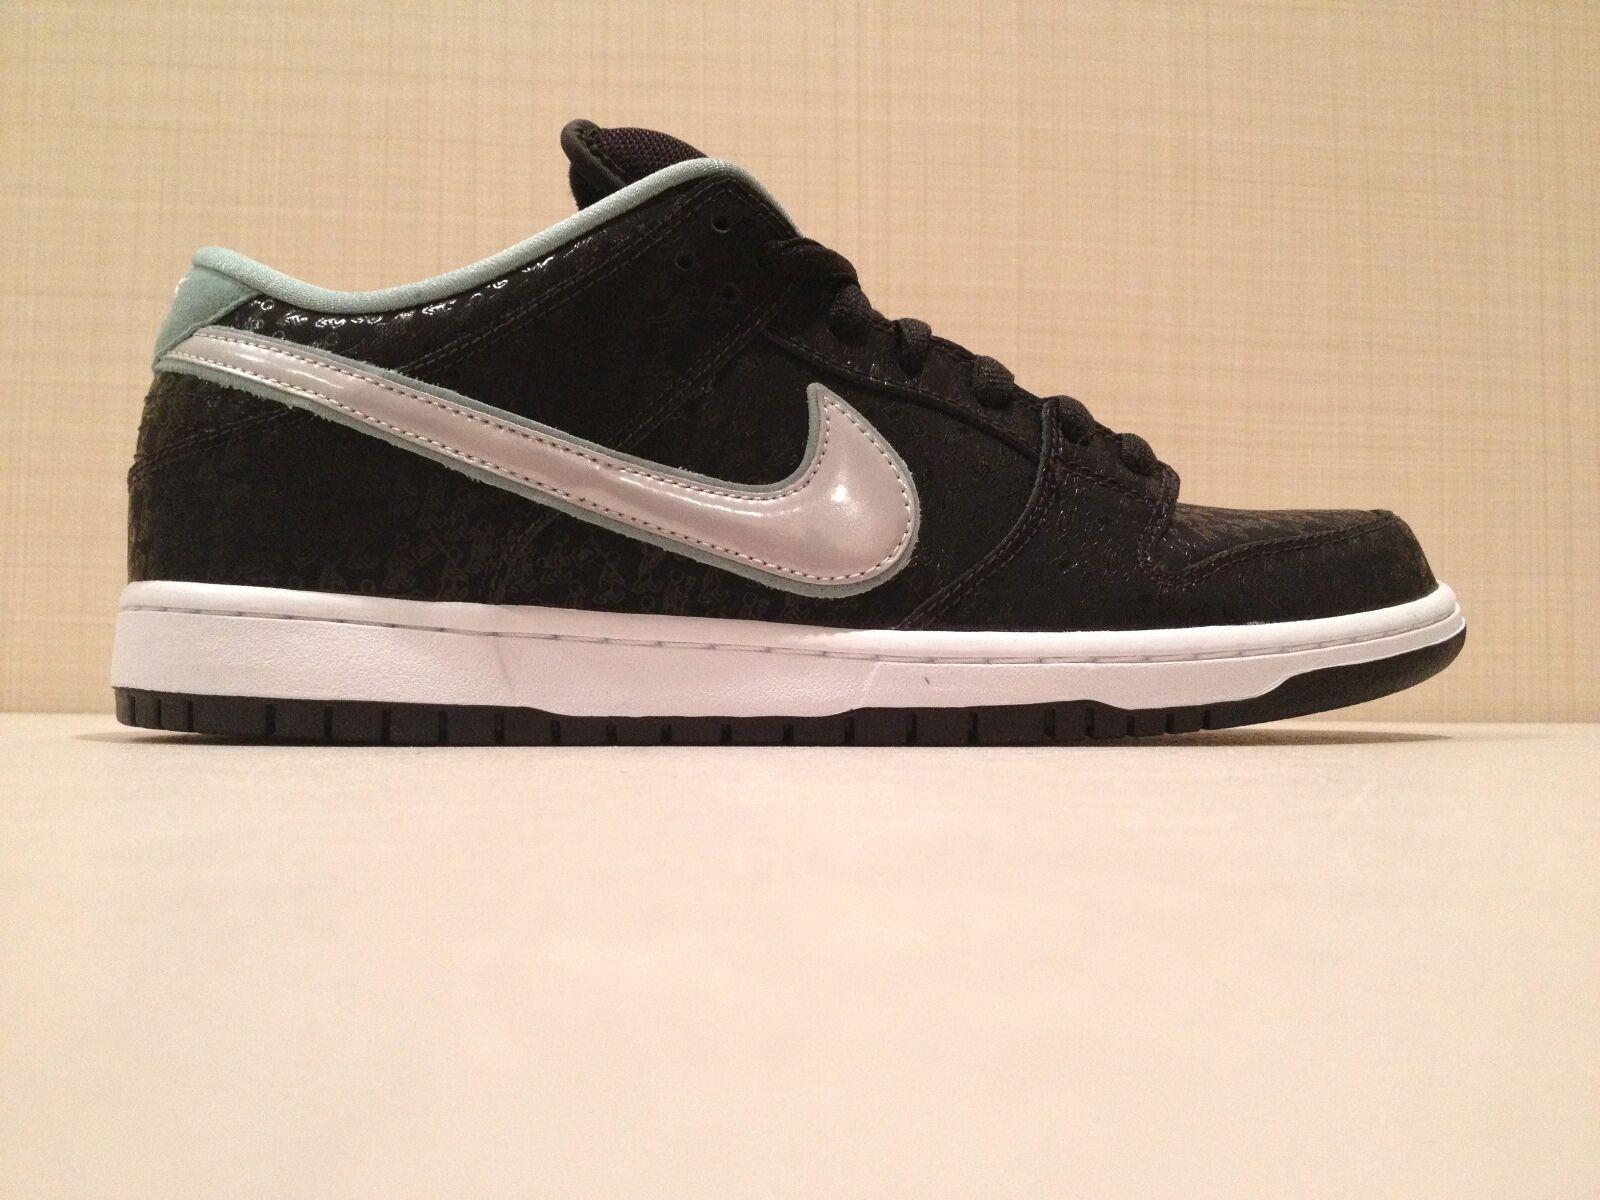 Nike e basso sb x posto skate park di tampa cofanetto scorte morte confezioni 10 & 11